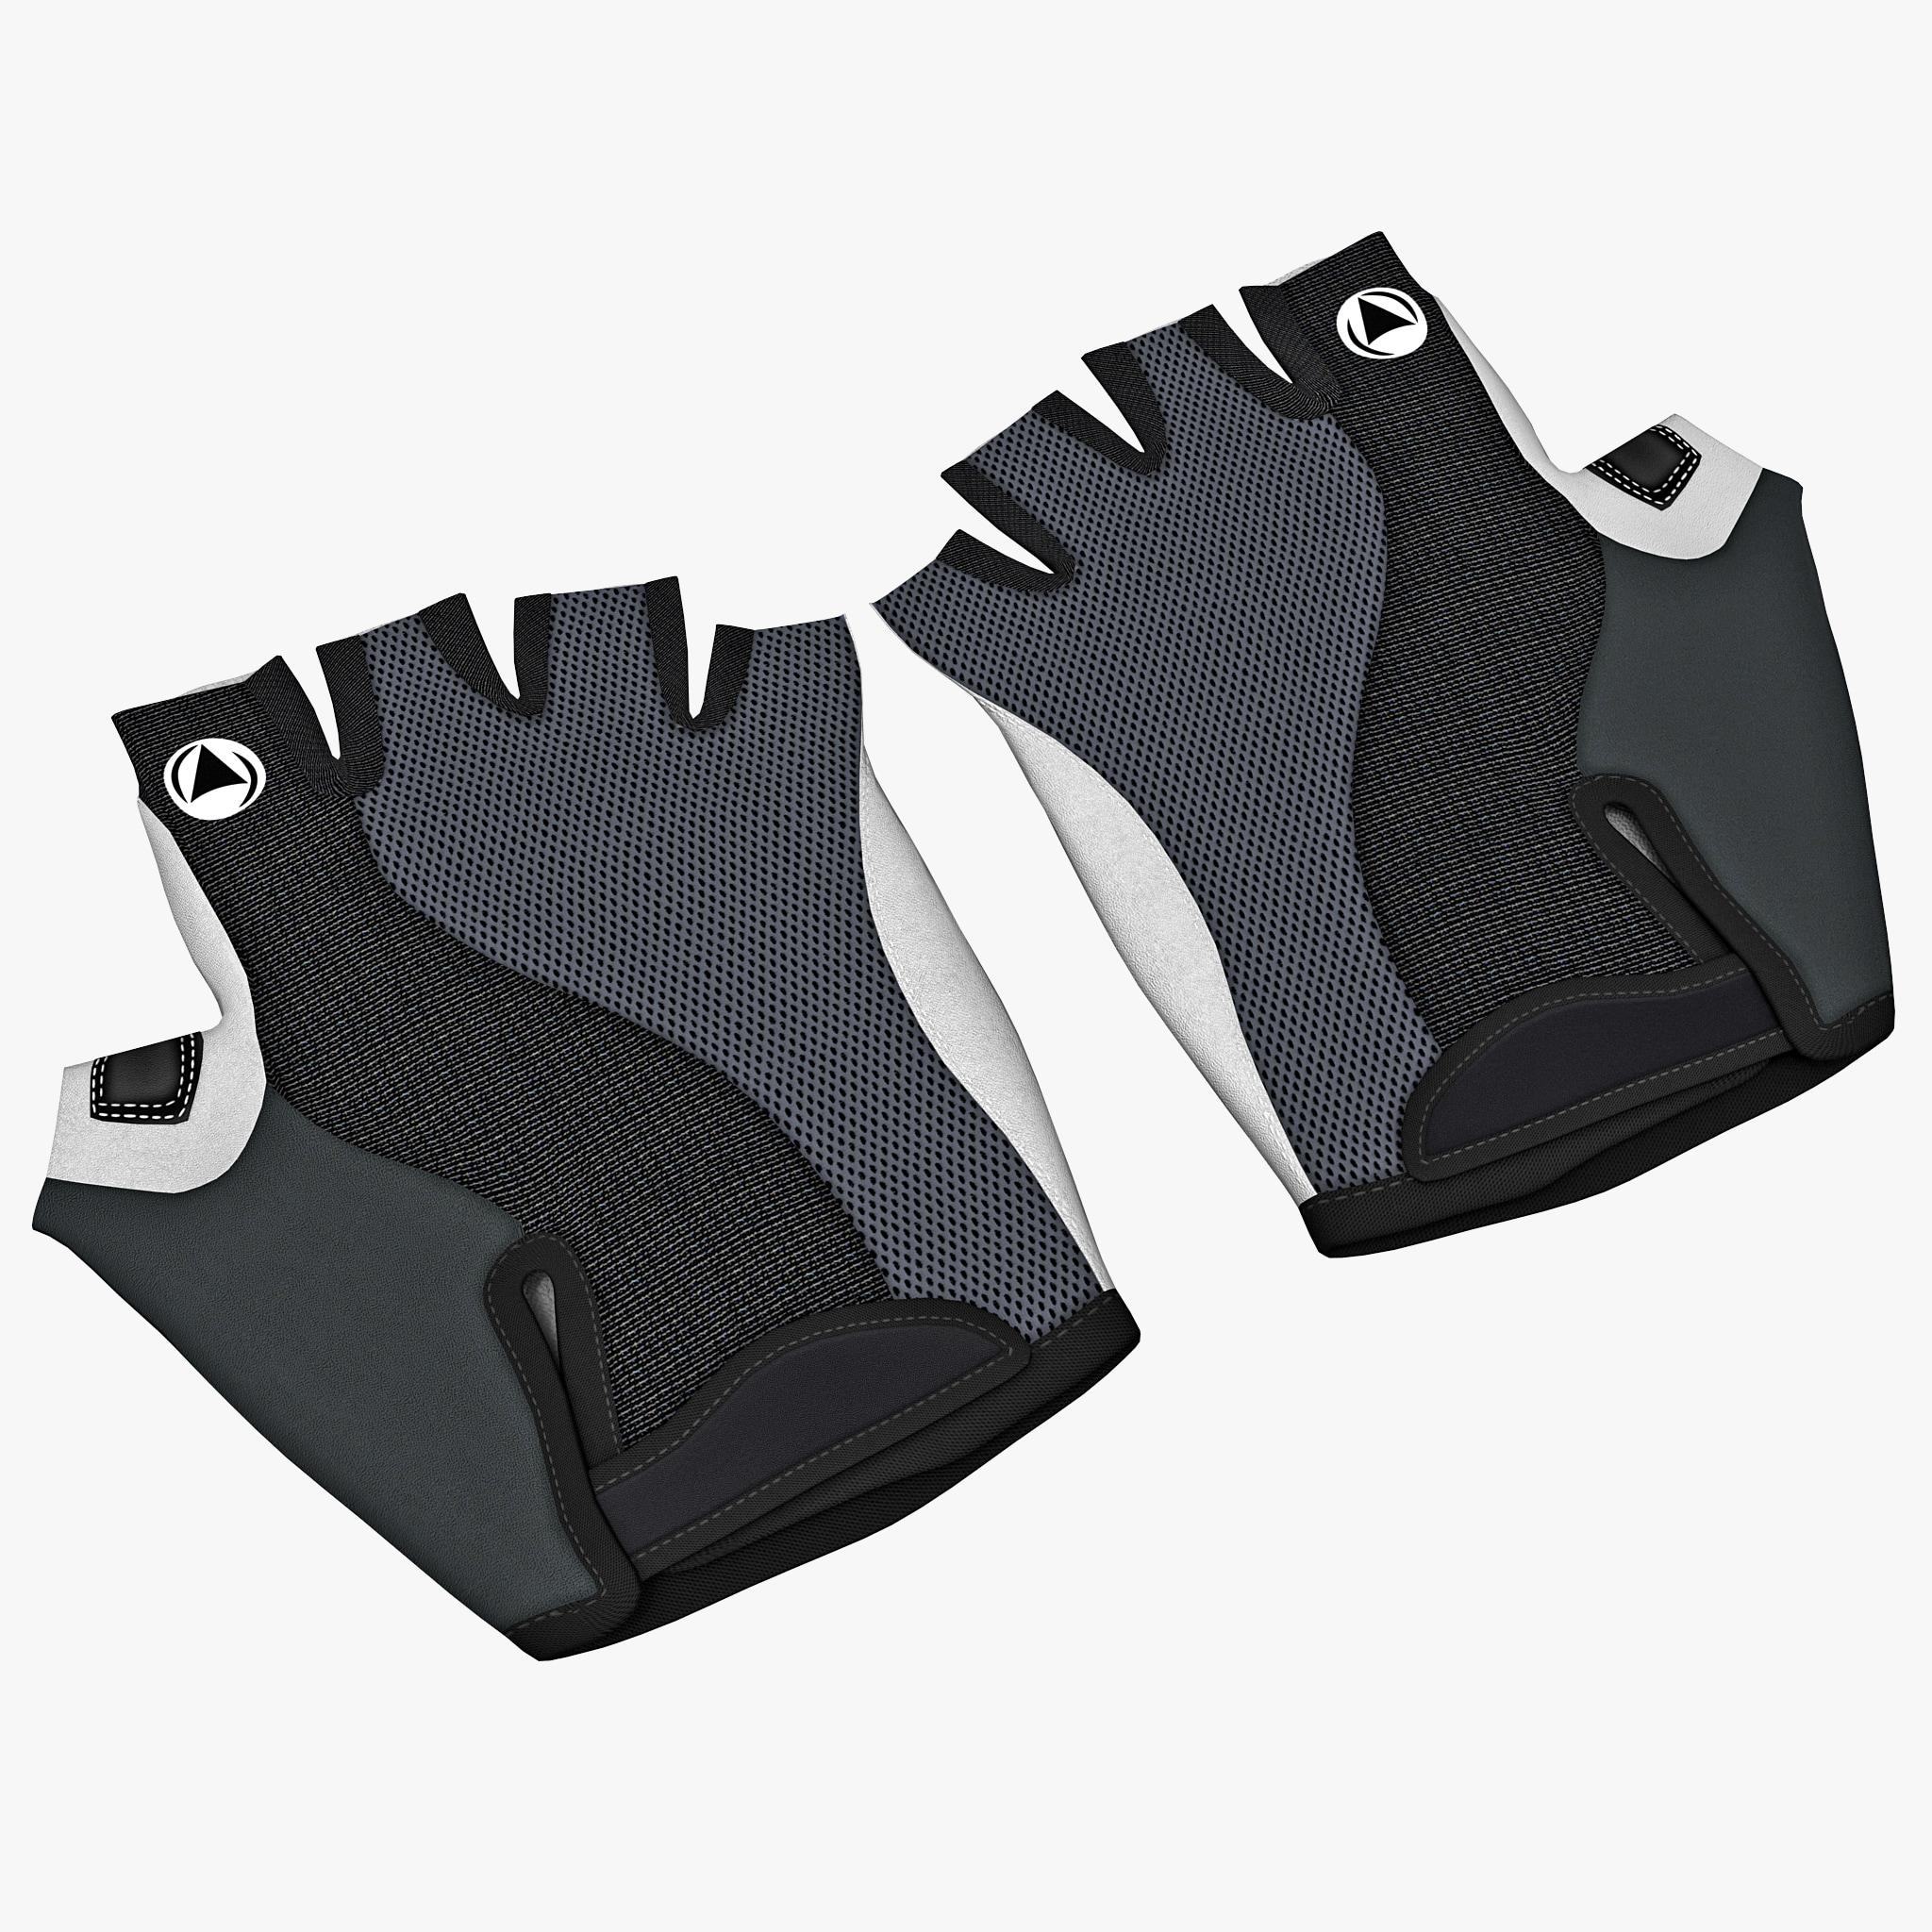 Cycle Gloves_89.jpg